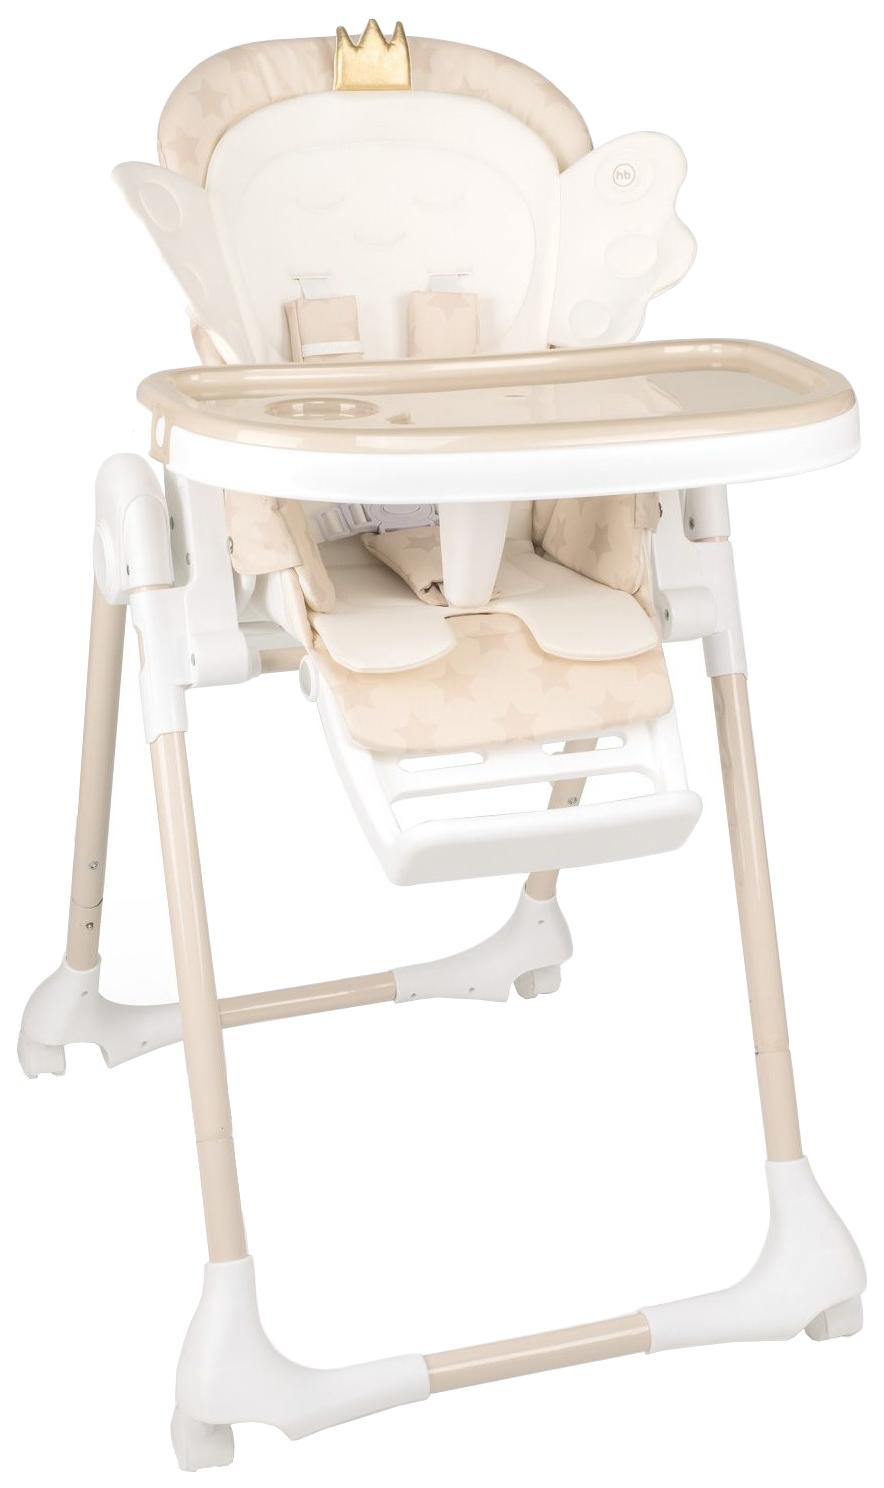 Купить Стульчик для кормления Happy Baby WINGY Sand, Стульчики для кормления